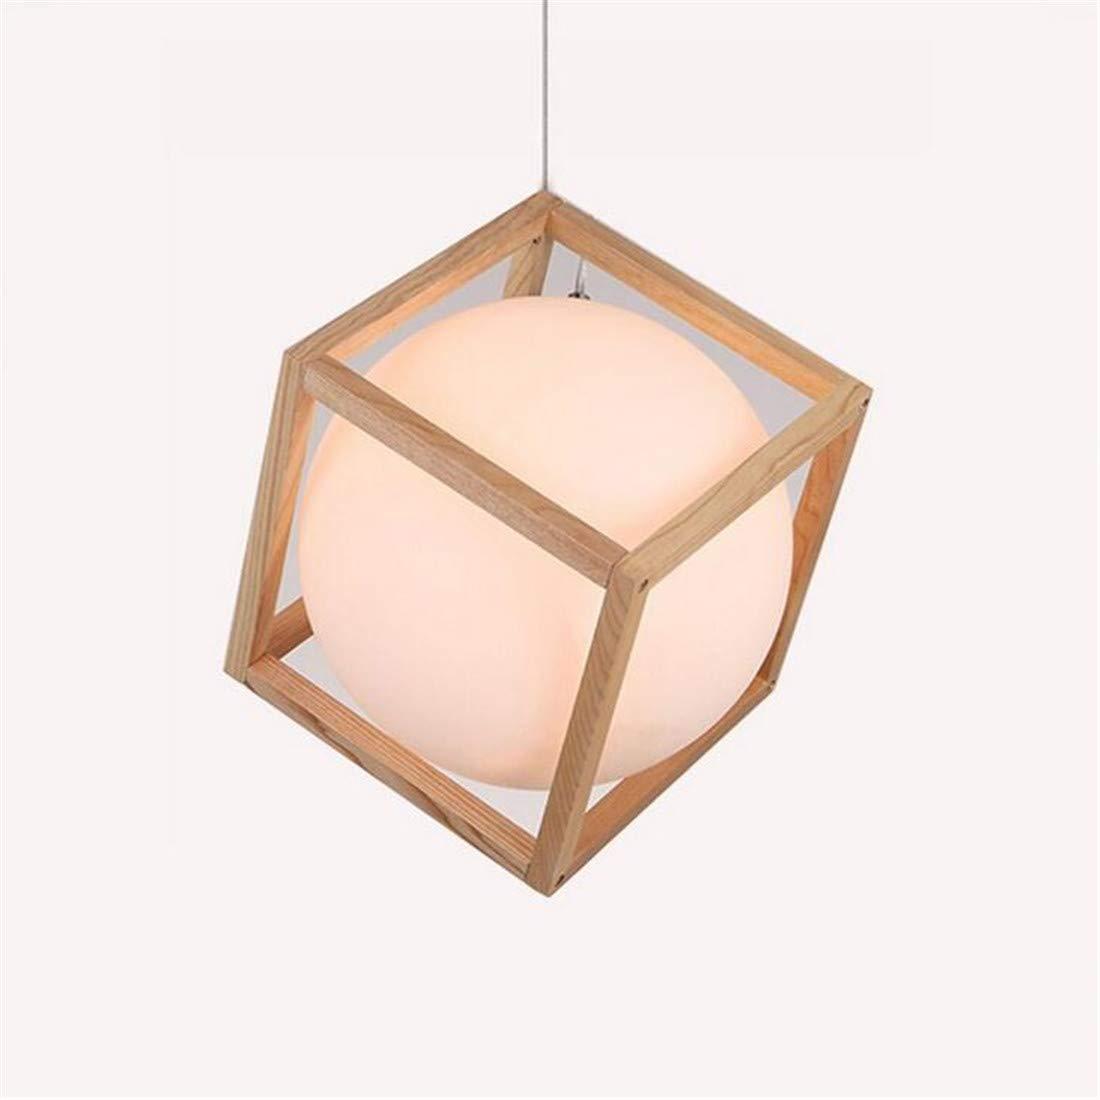 Moderne kronleuchter scheinwerfer holz pendelleuchte leuchte e27 milchweiß sphärische glas lampenschirm decke hängen licht